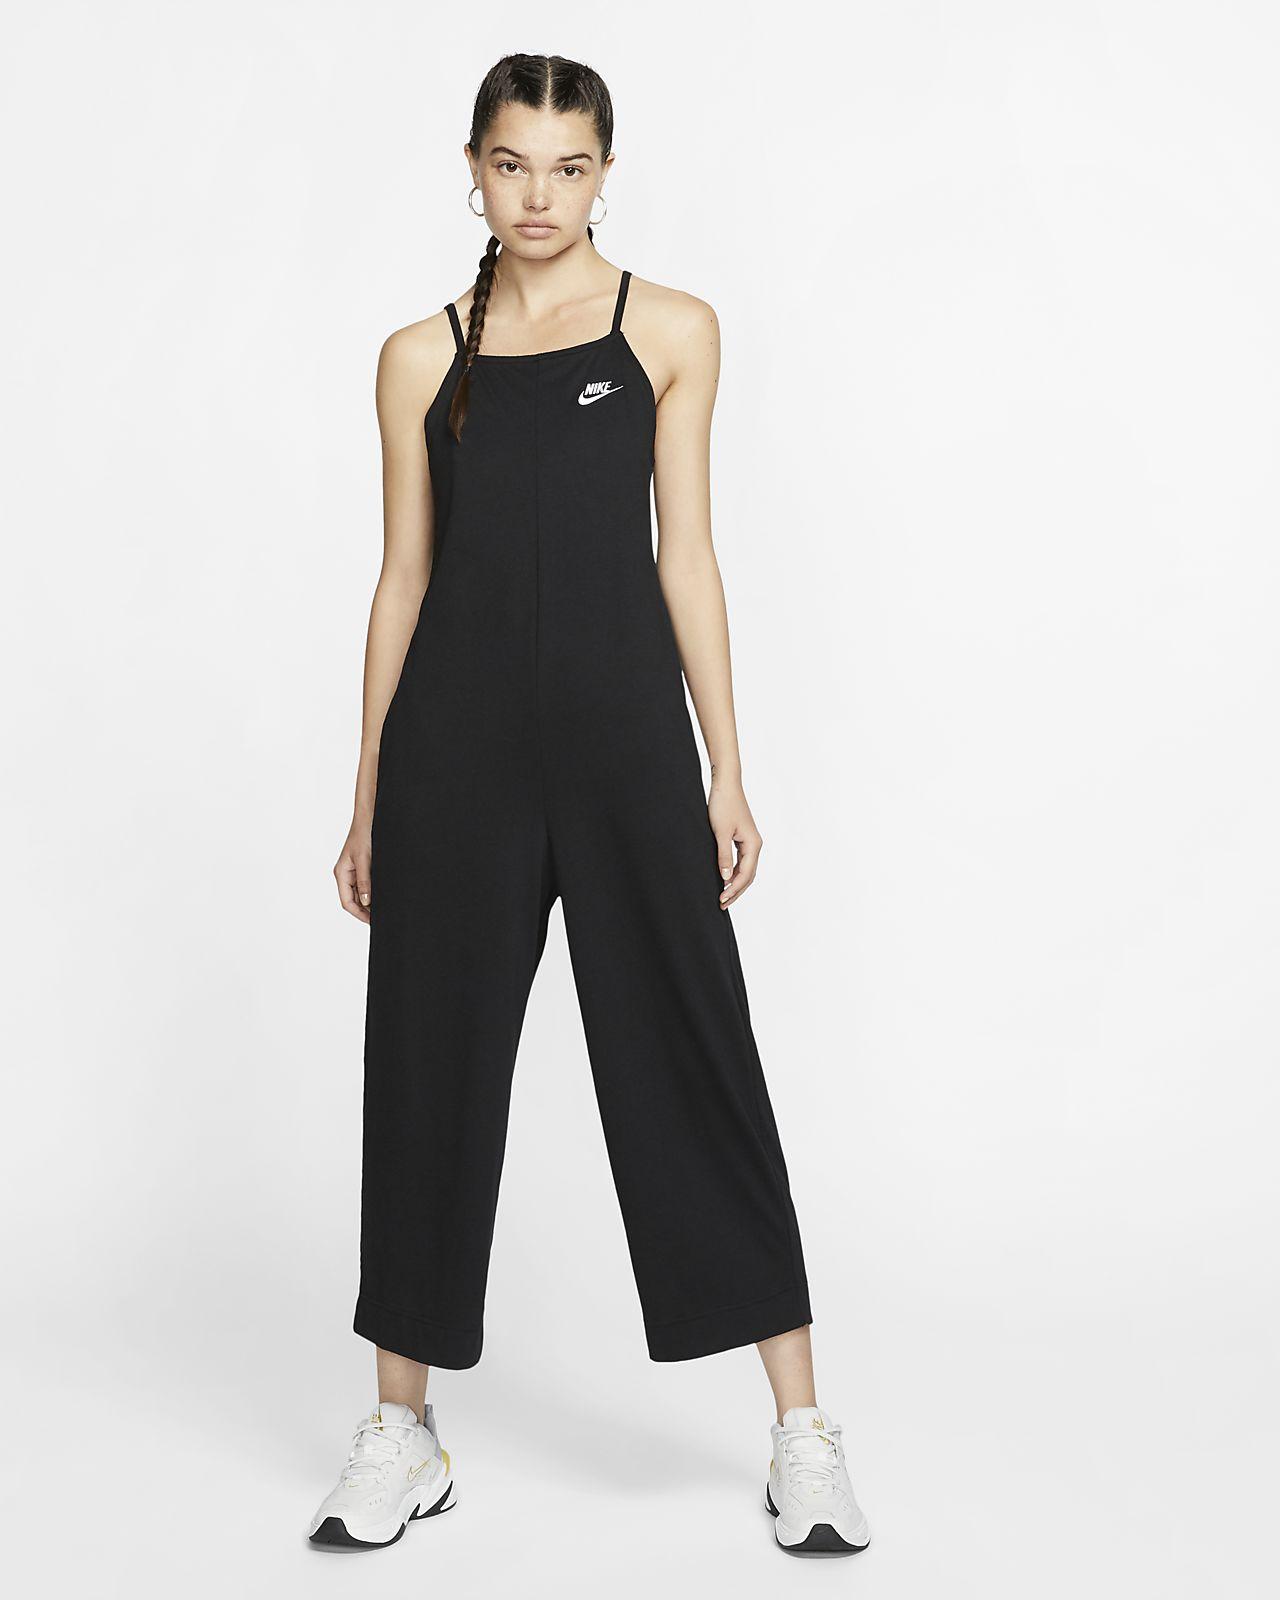 Tuta intera Nike Sportswear - Donna